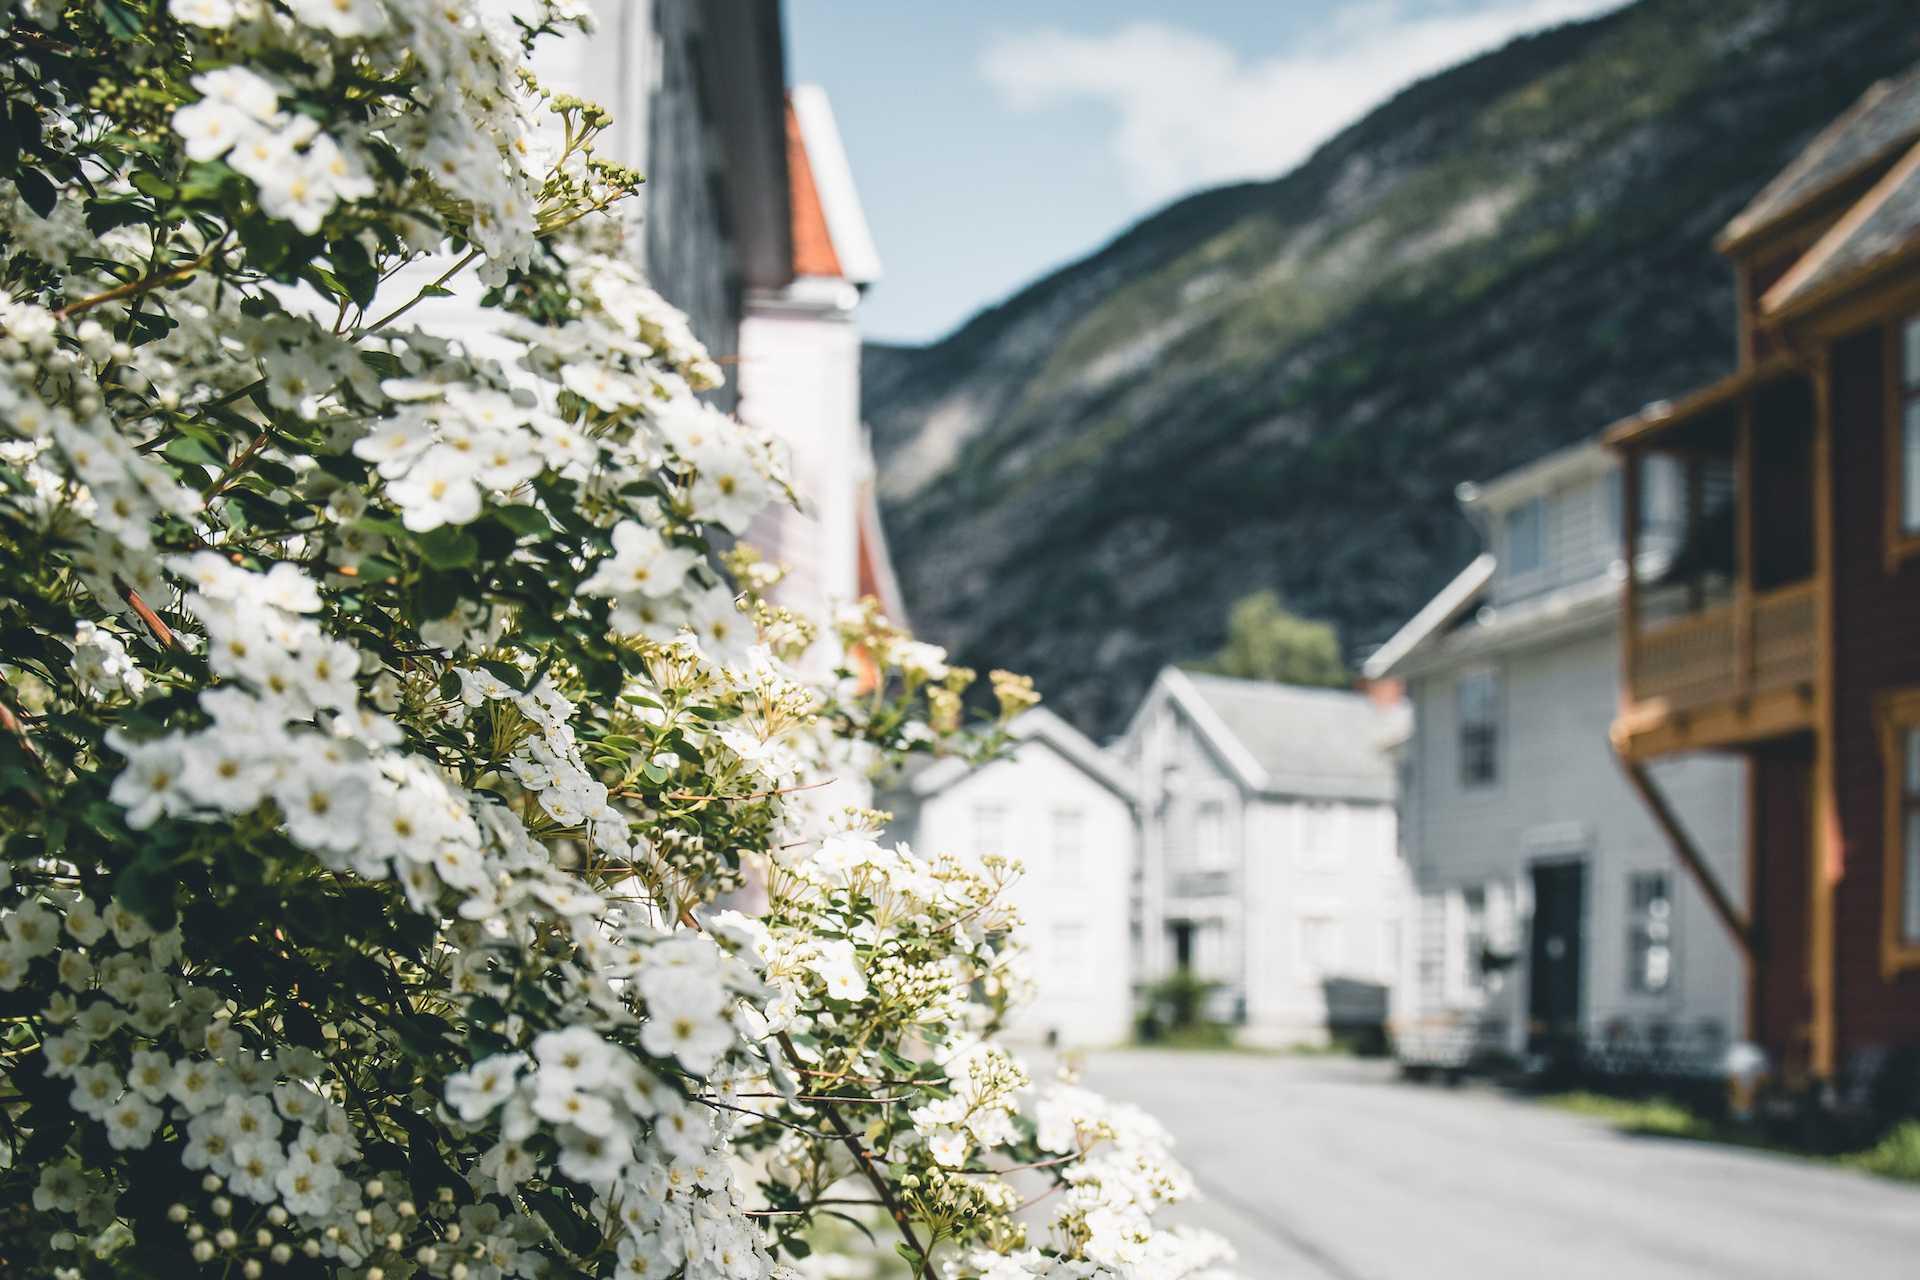 laerdal norwegia